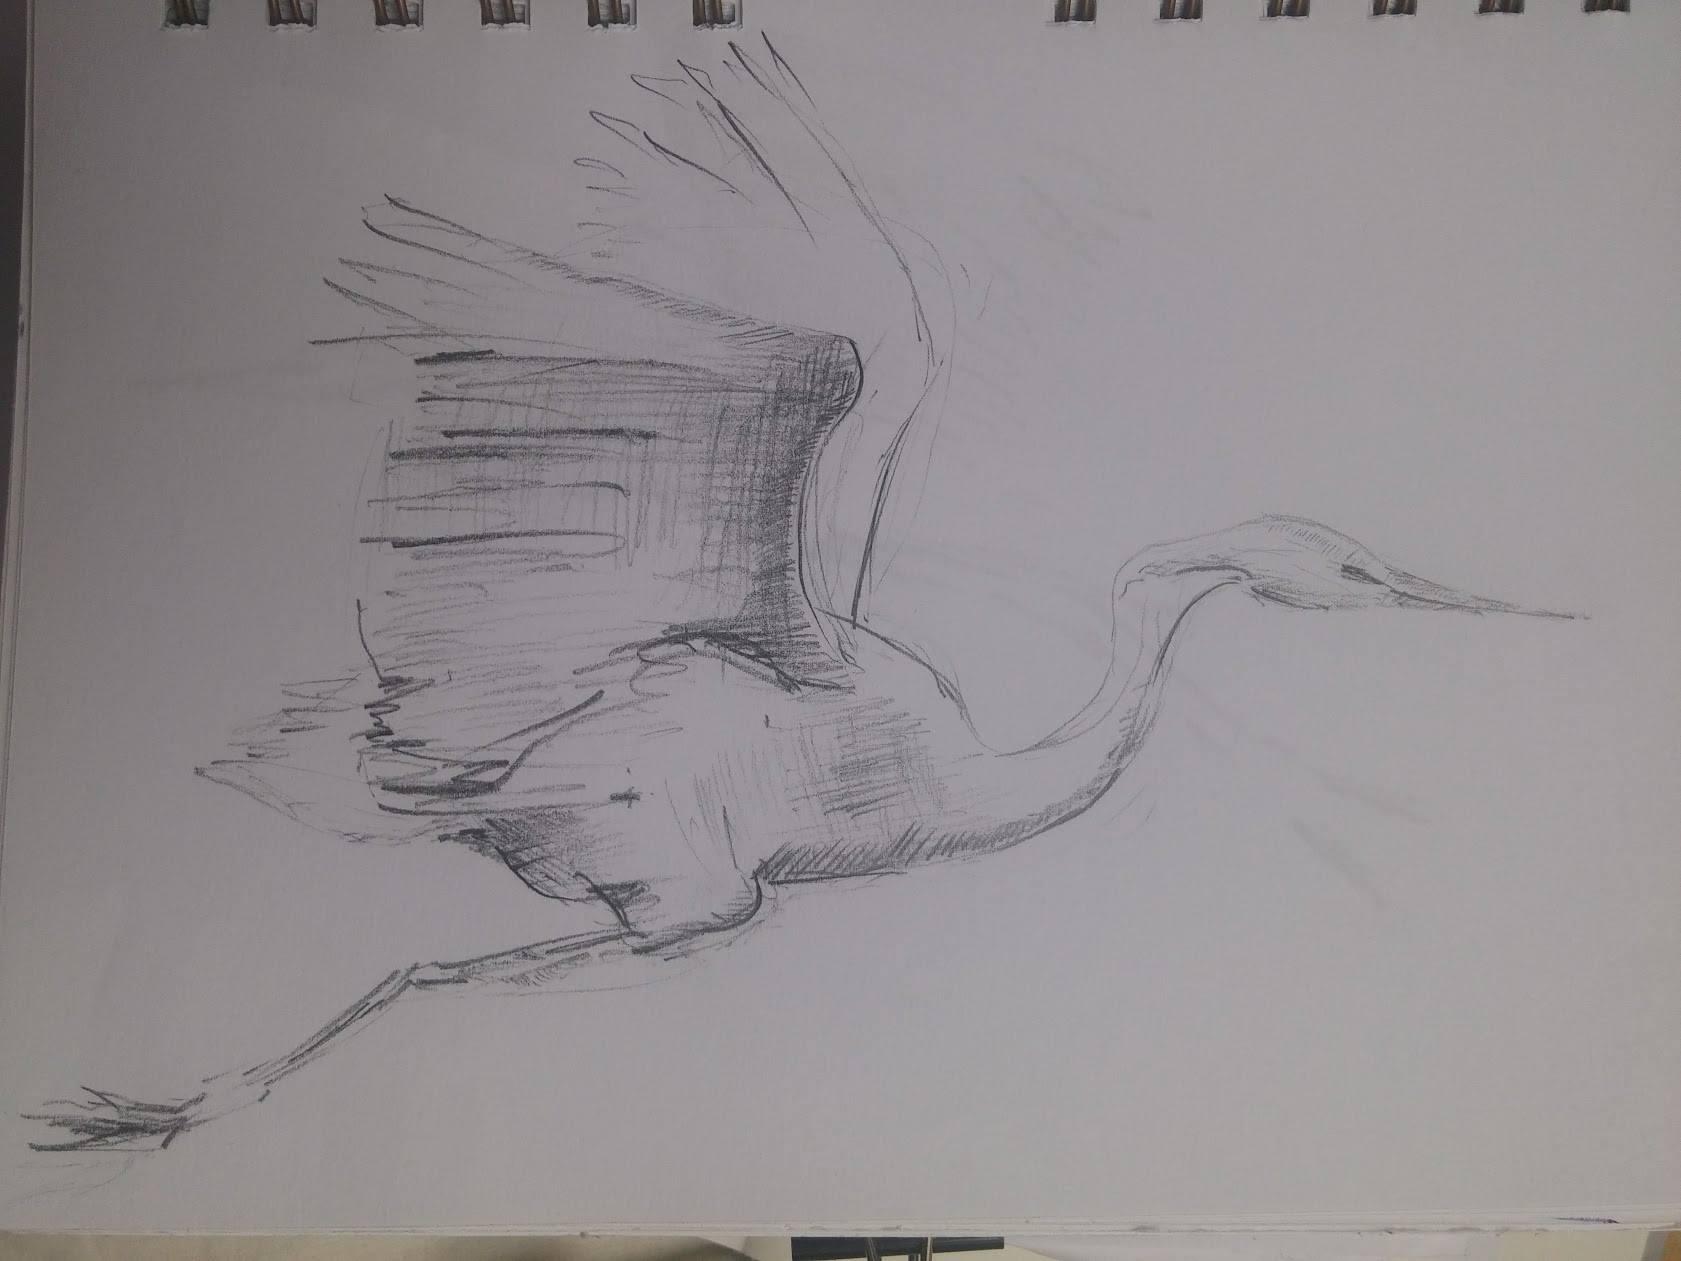 ptak skica ashaadox